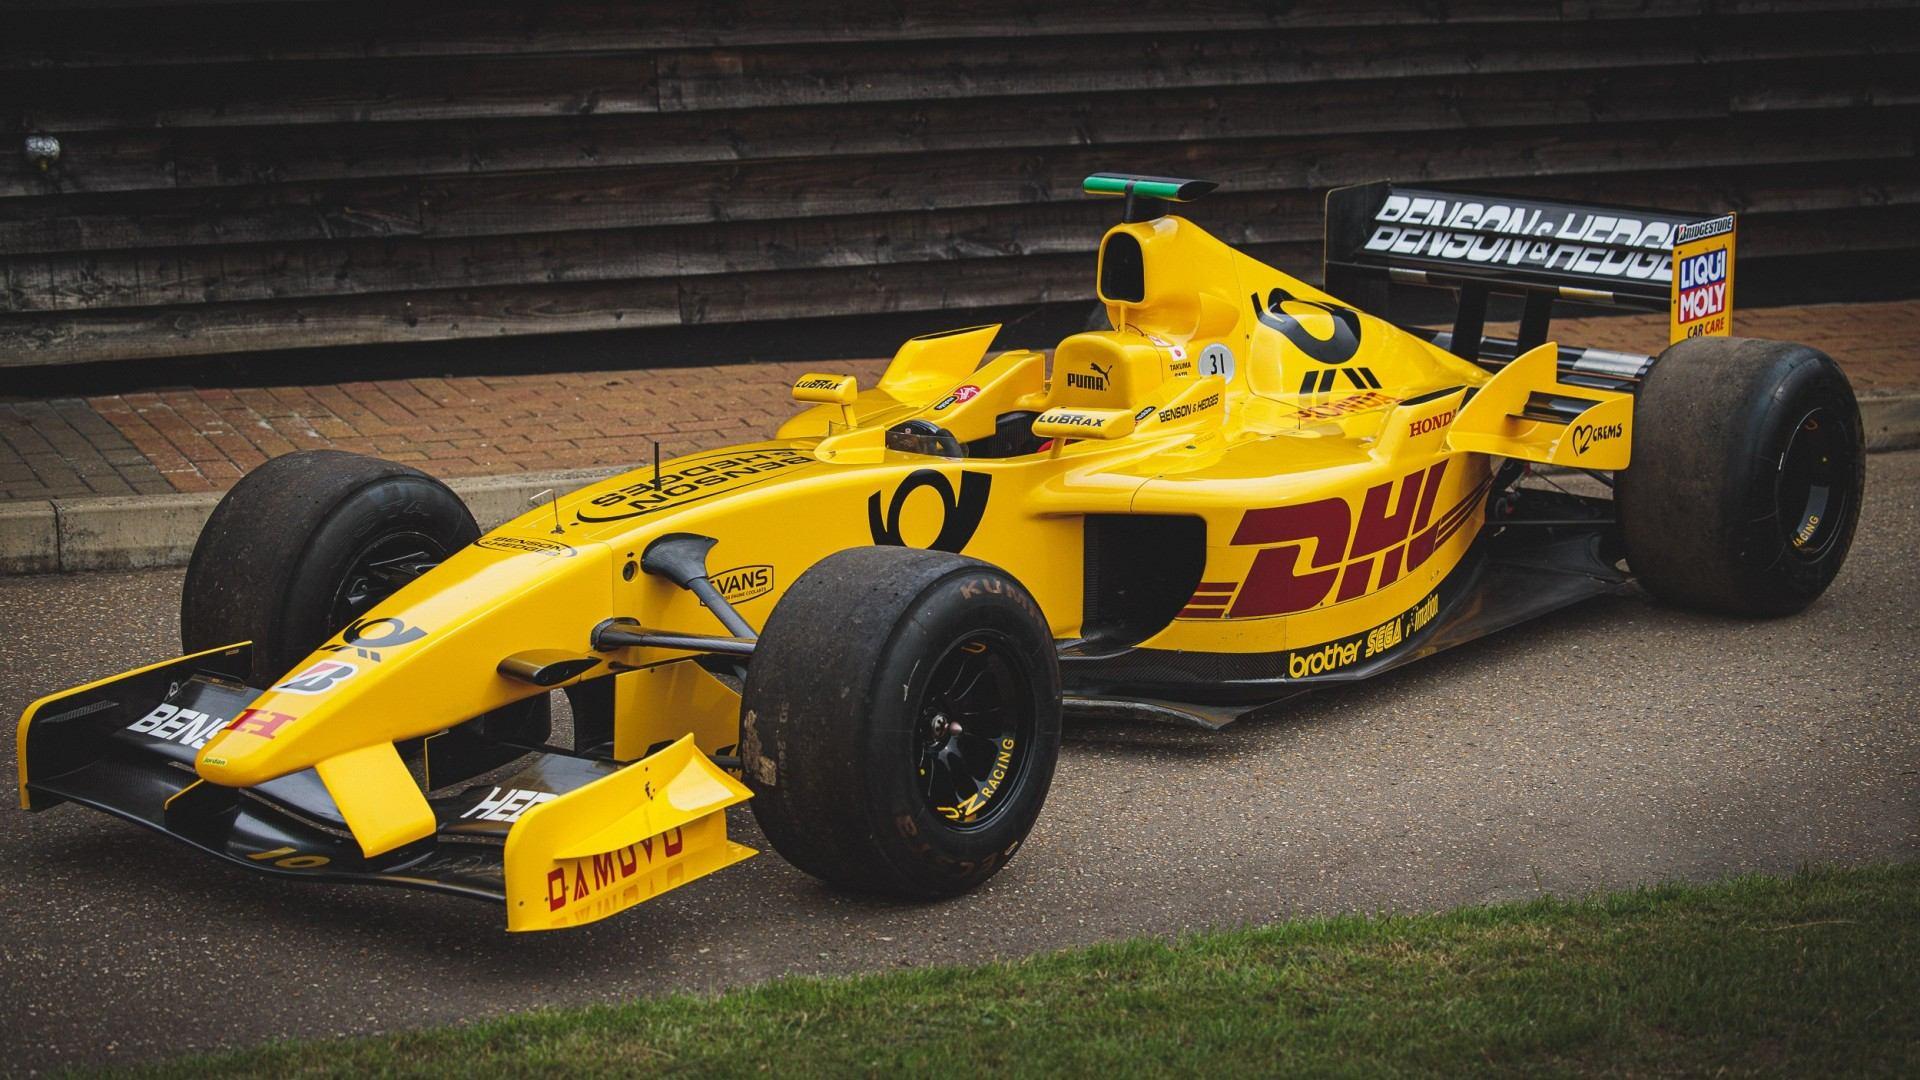 Si querías un Jordan EJ12 de fórmula 1, lamentamos decir que había uno en venta